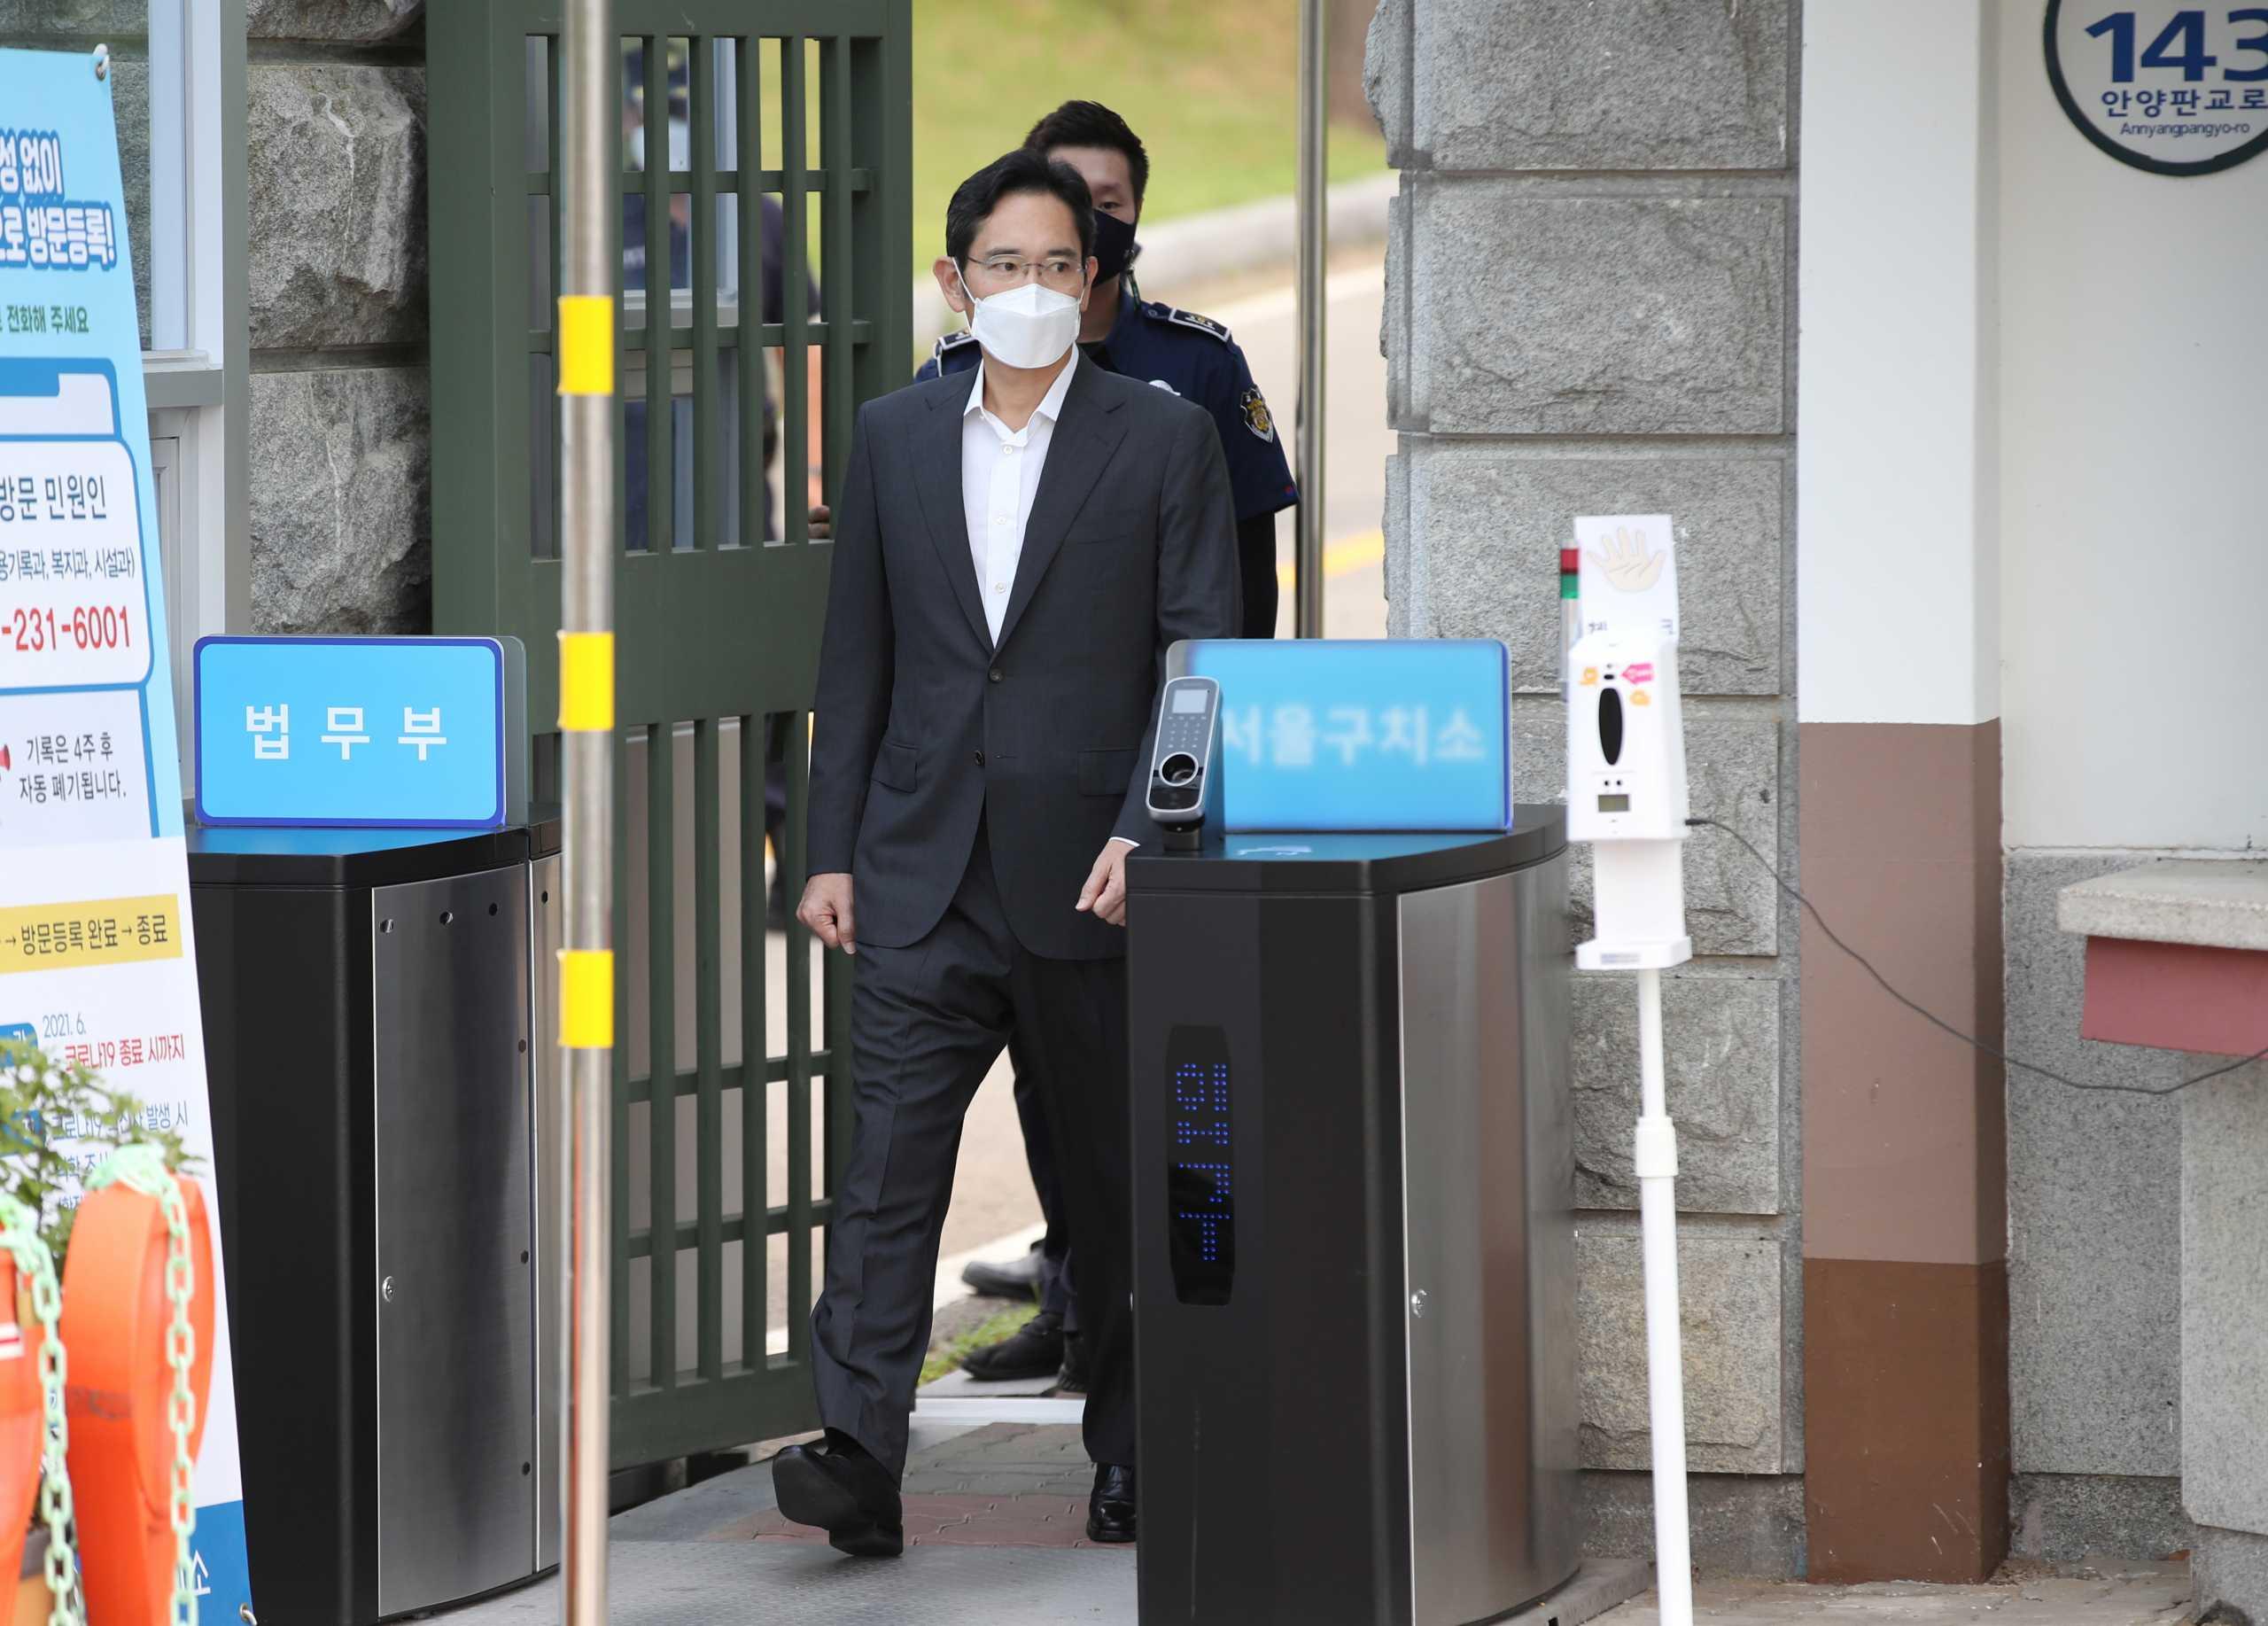 Βγήκε (και πάλι) από τη φυλακή ο επικεφαλής της Samsung – Πιο αδύνατος και μεταμελημένος